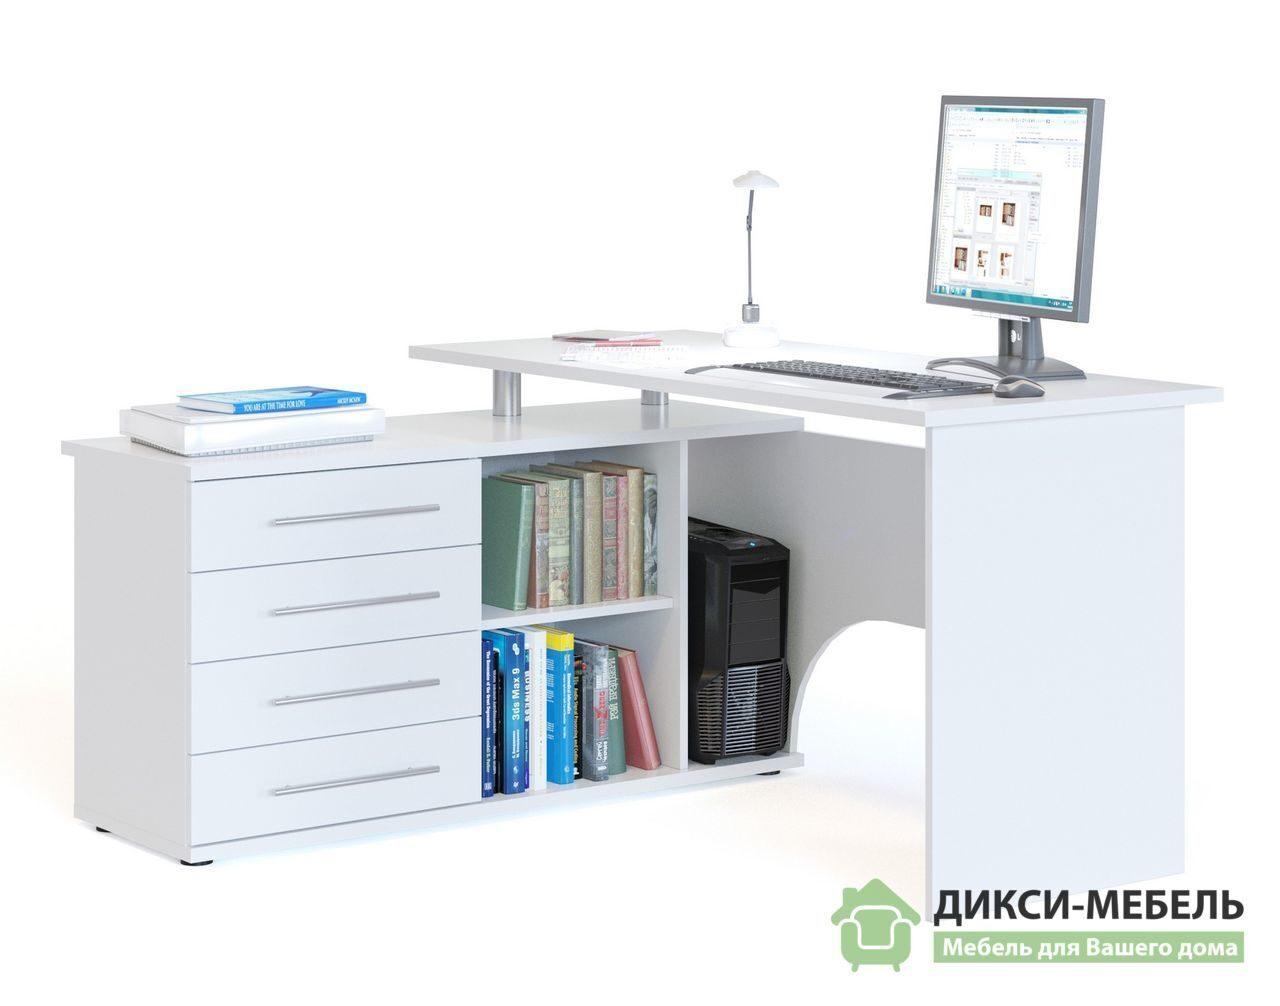 Компьютерный стол кст-109 купить в спб по цене производителя.